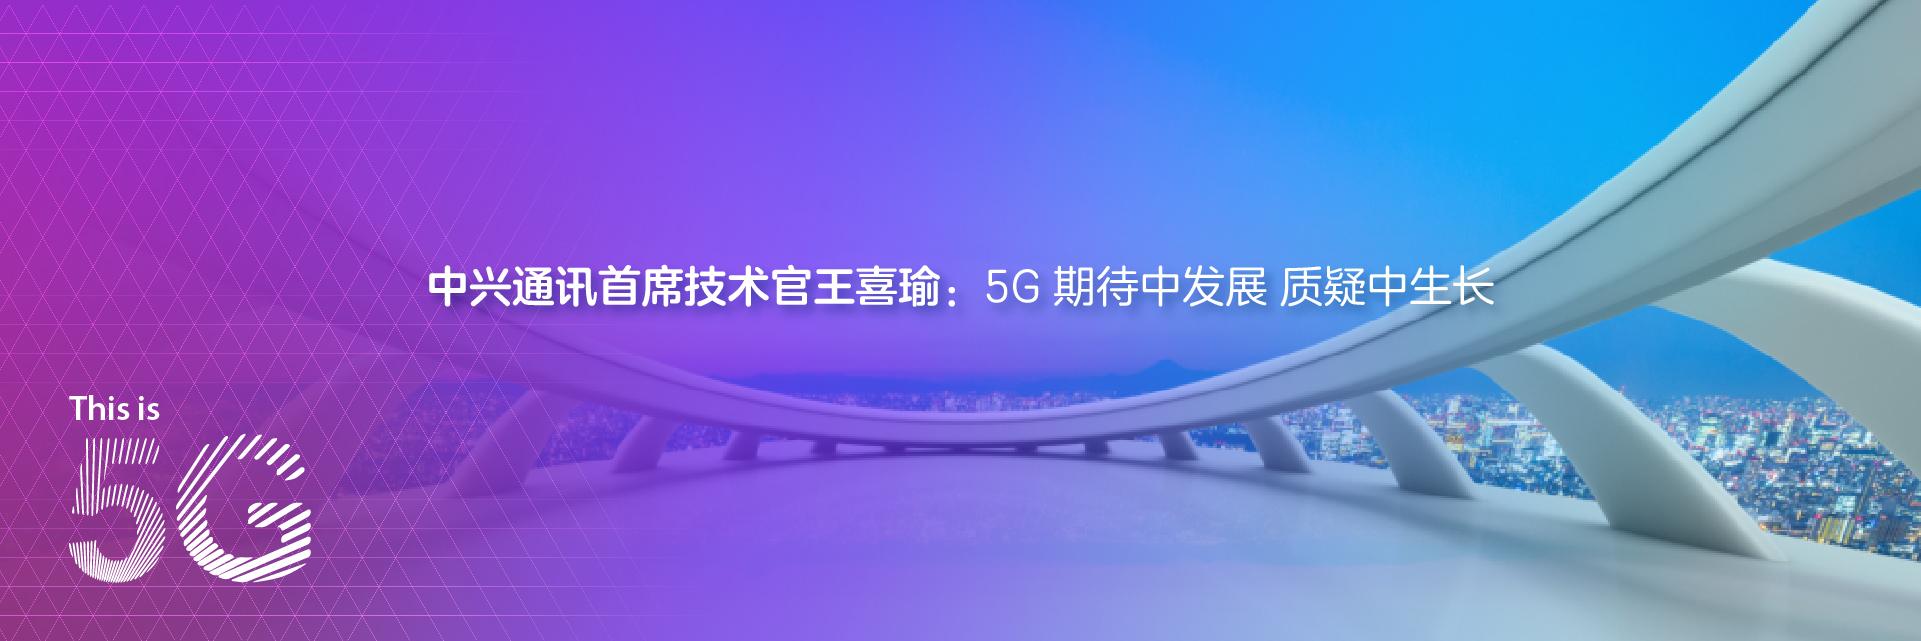 中兴通讯首席技术官王喜瑜:5G 期待中发展 质疑中生长